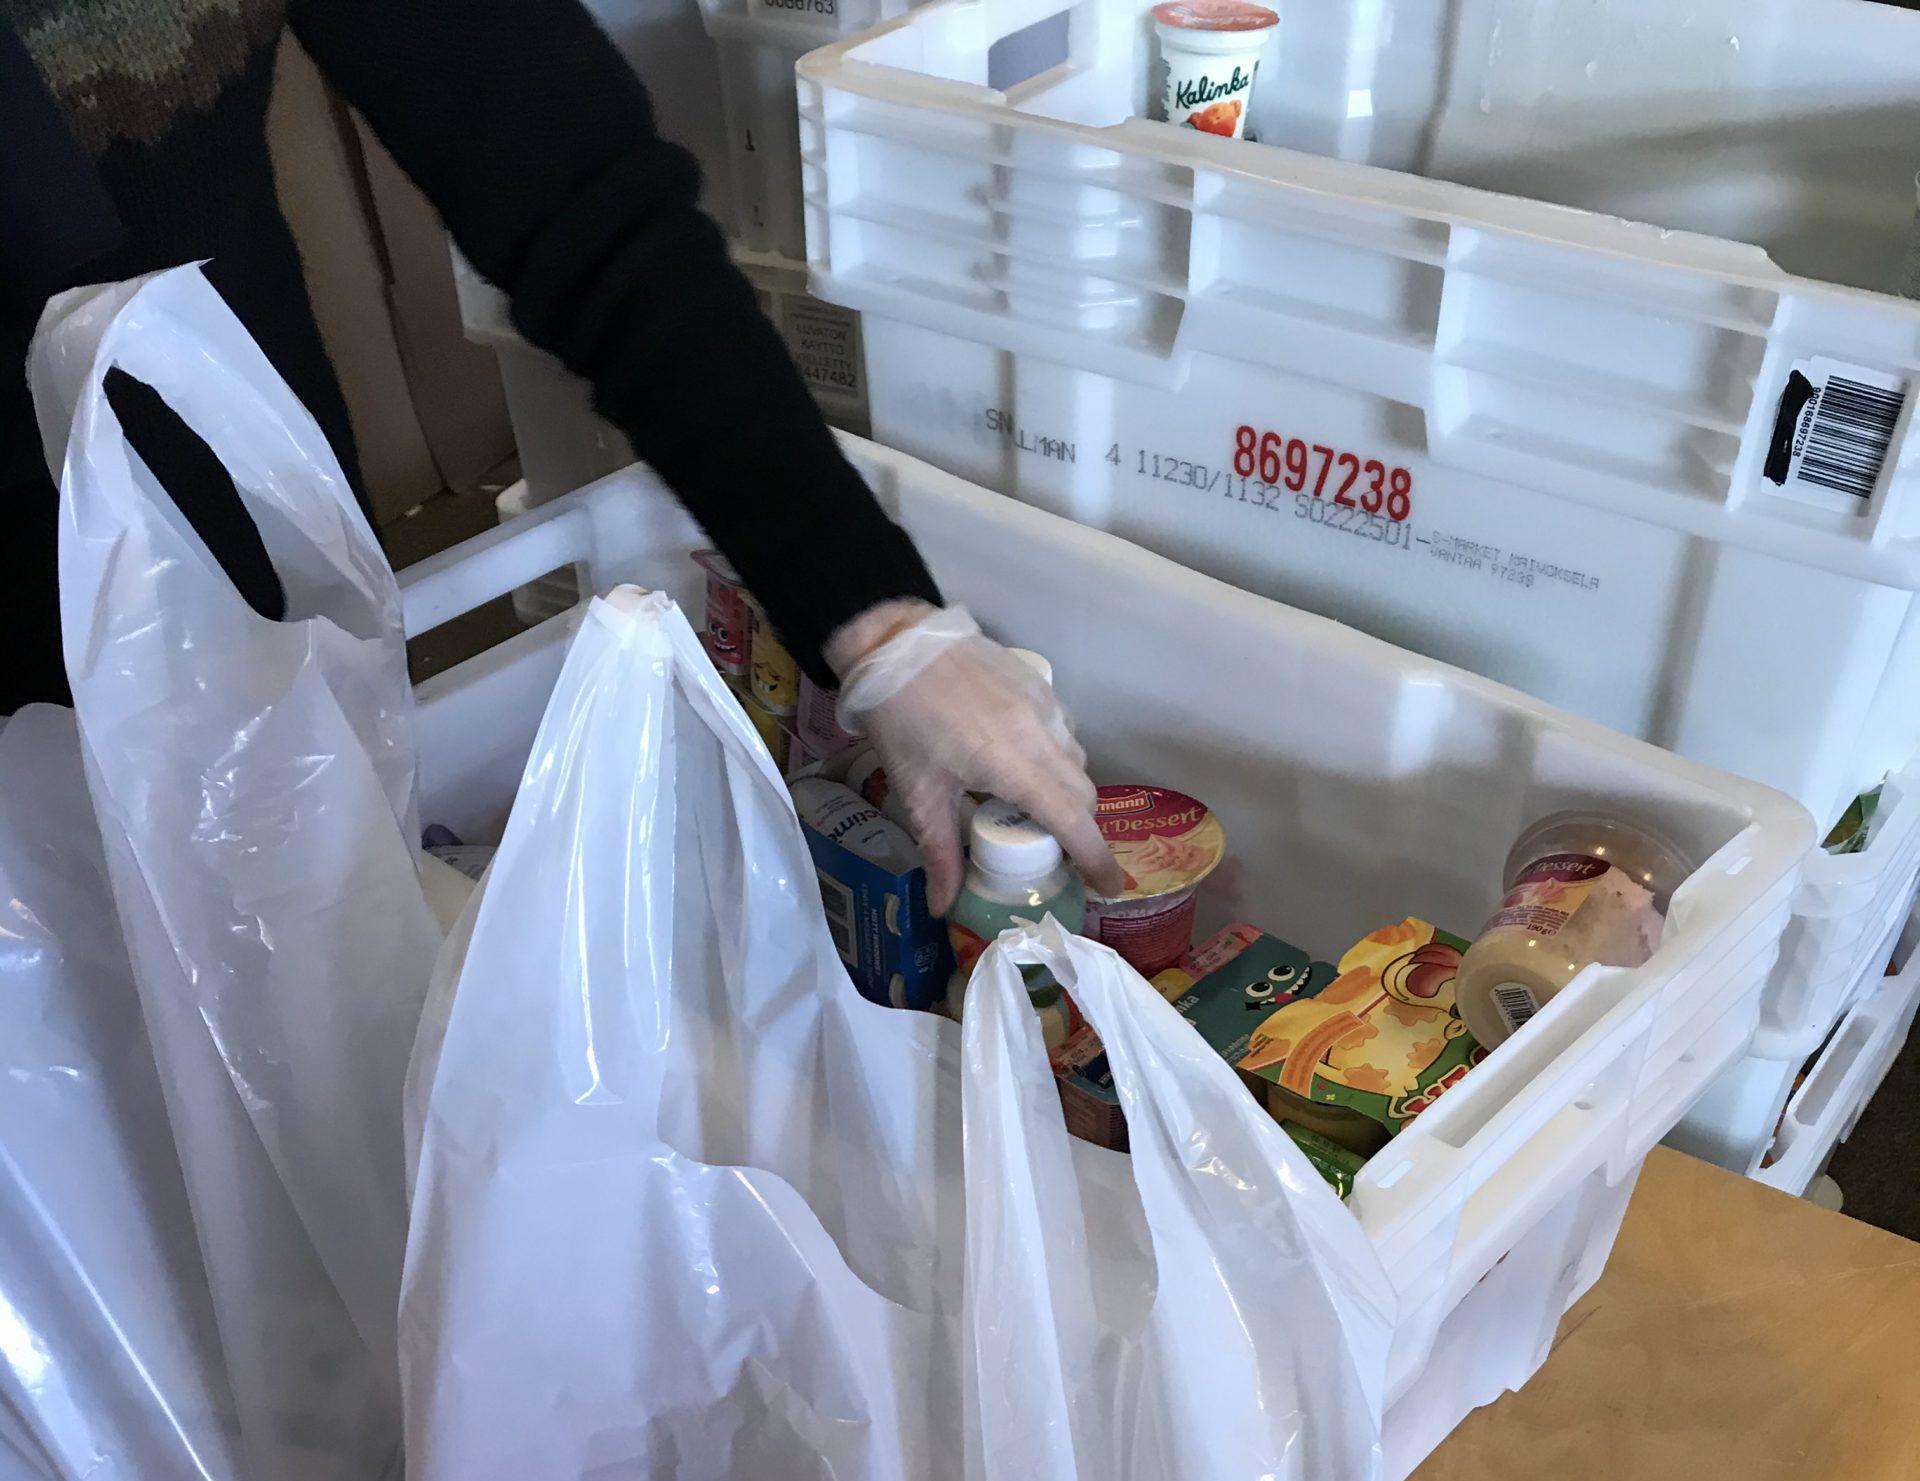 Ruoka-avun lajittelua muovilaatikoista muovipusseihin. Henkilöllä muovihansikkaat kädessä.